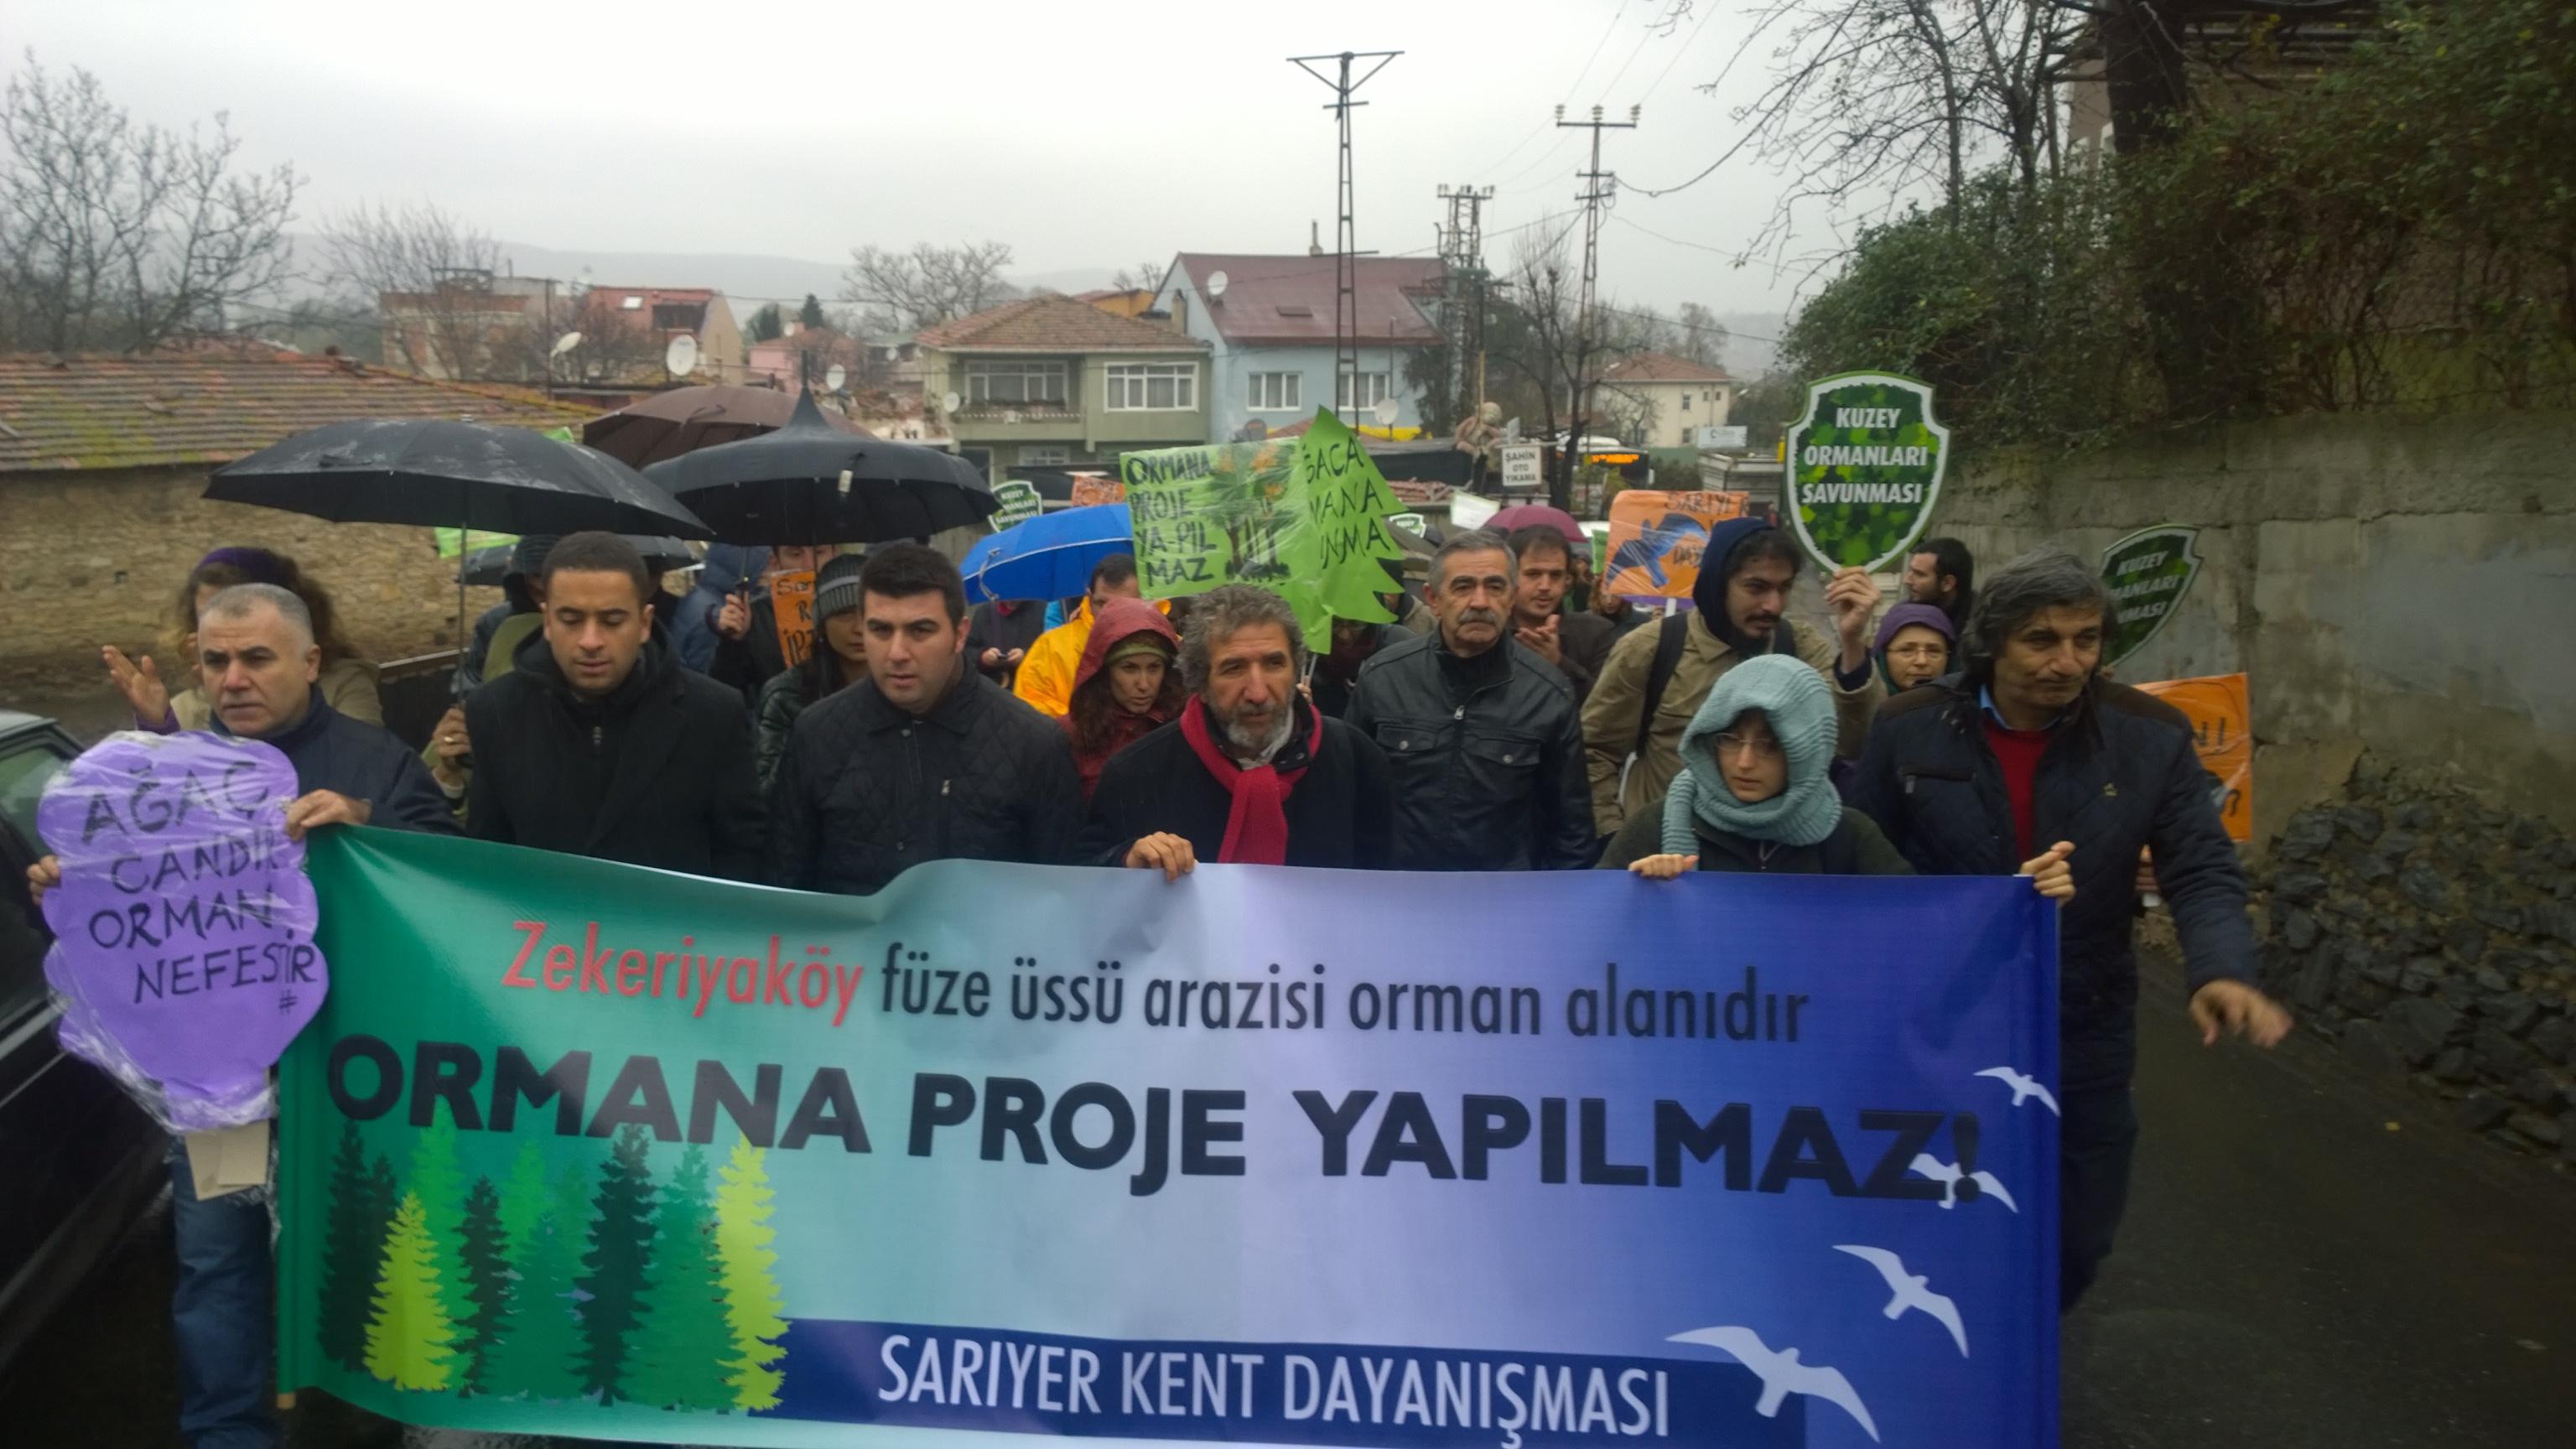 Ormana proje yapılmaz! Zekeriyaköy'de talana açılan füze üssü eylemi ardından